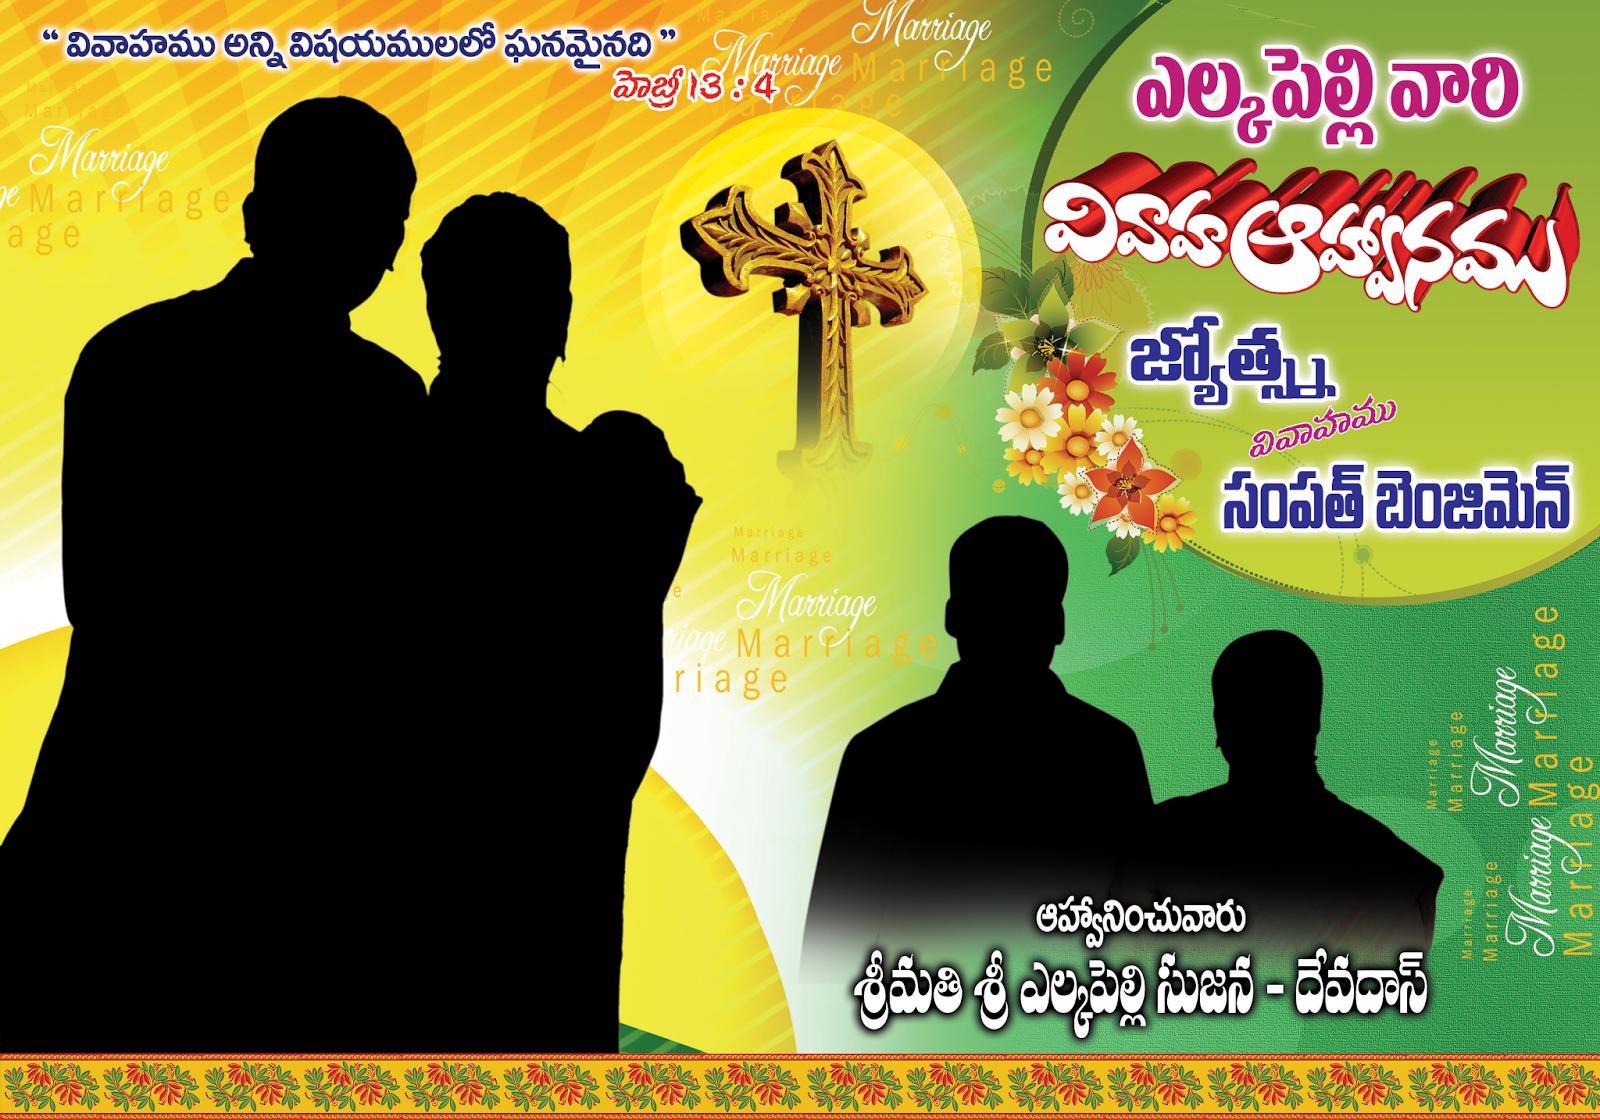 Christian Wedding Flex Banner Desing Psd Template Free Download Wedding Banner Design Wedding Banner Psd Template Free